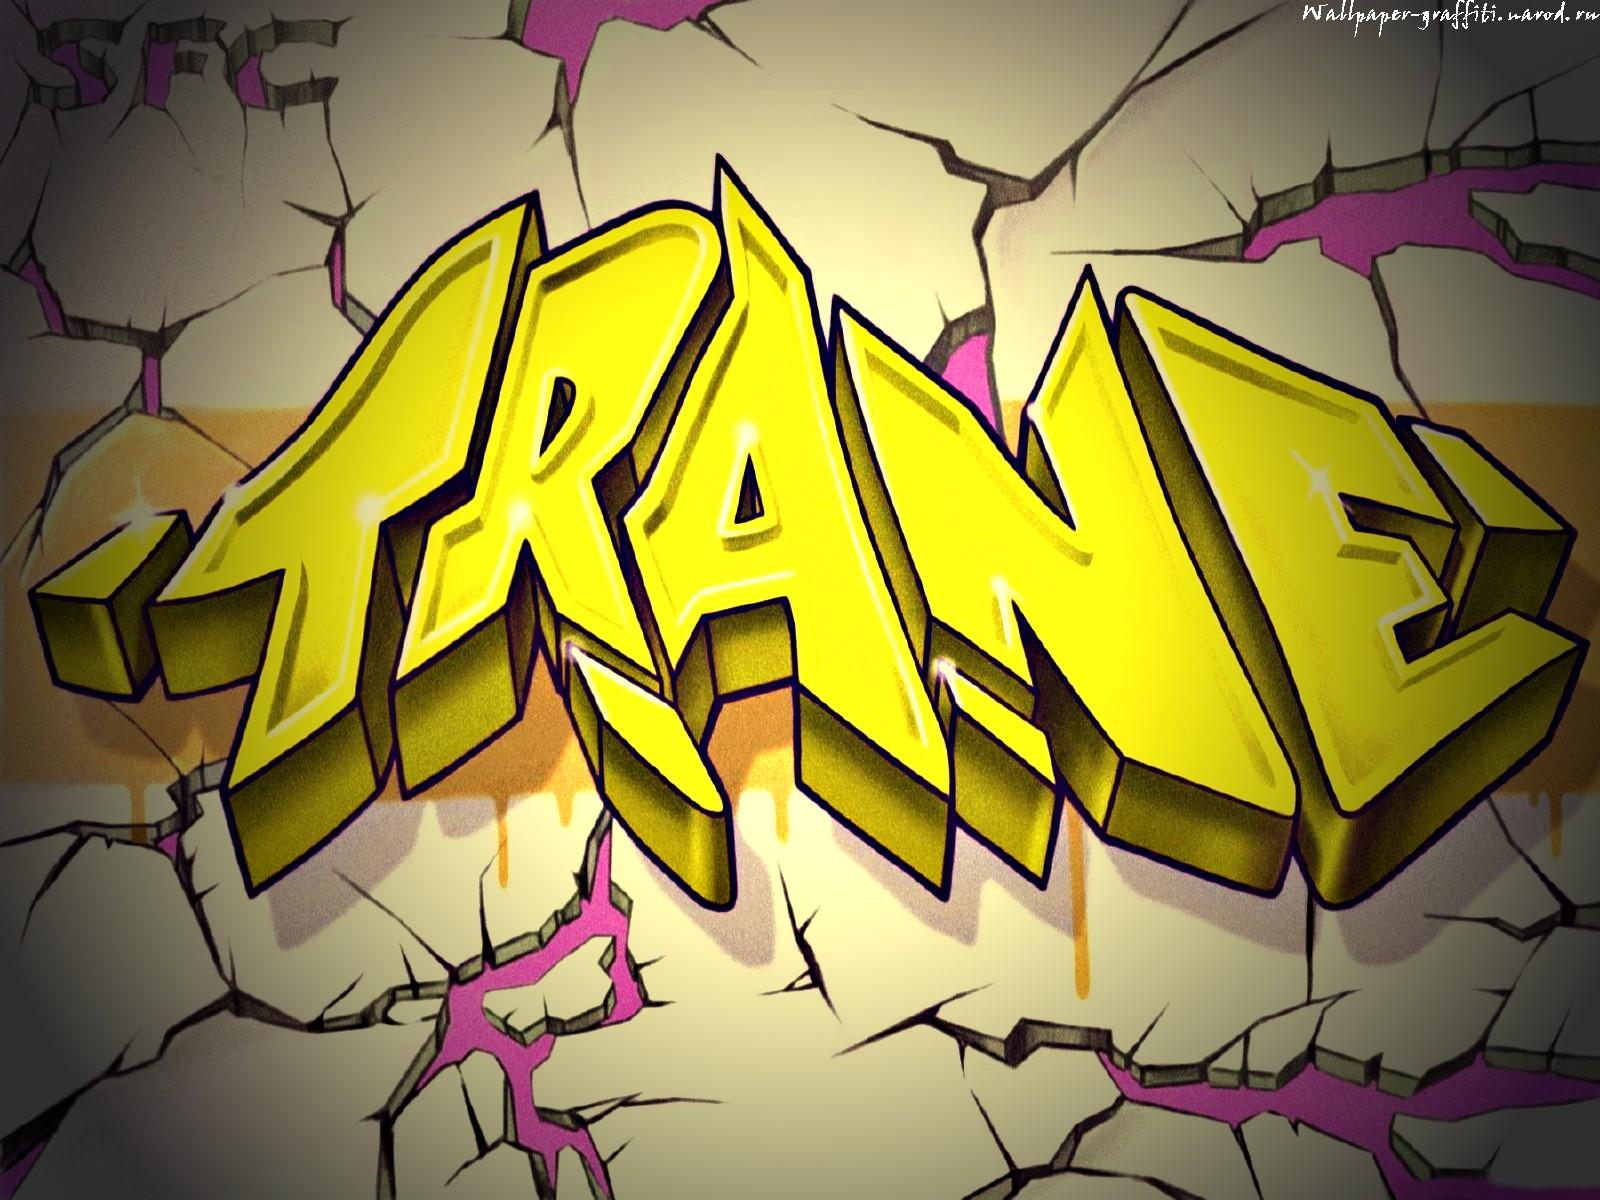 Обои с граффити на тему надписи